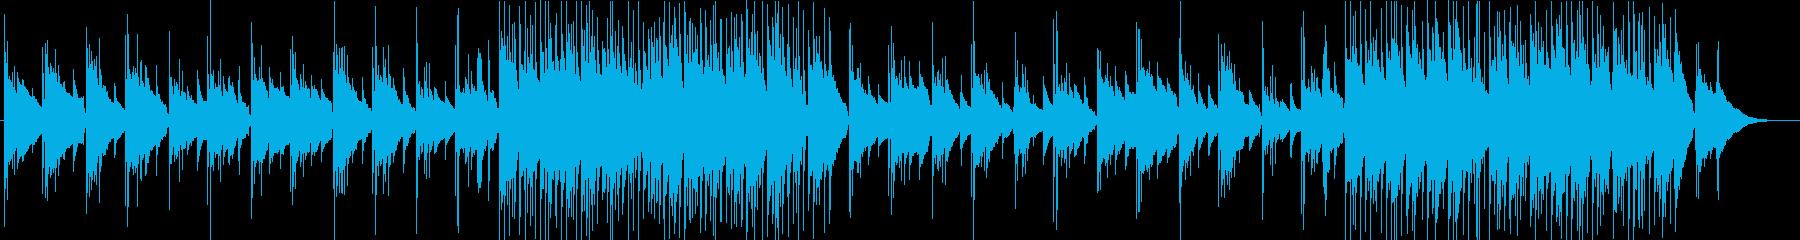 アコギ生演奏 前向き 浮遊感の再生済みの波形